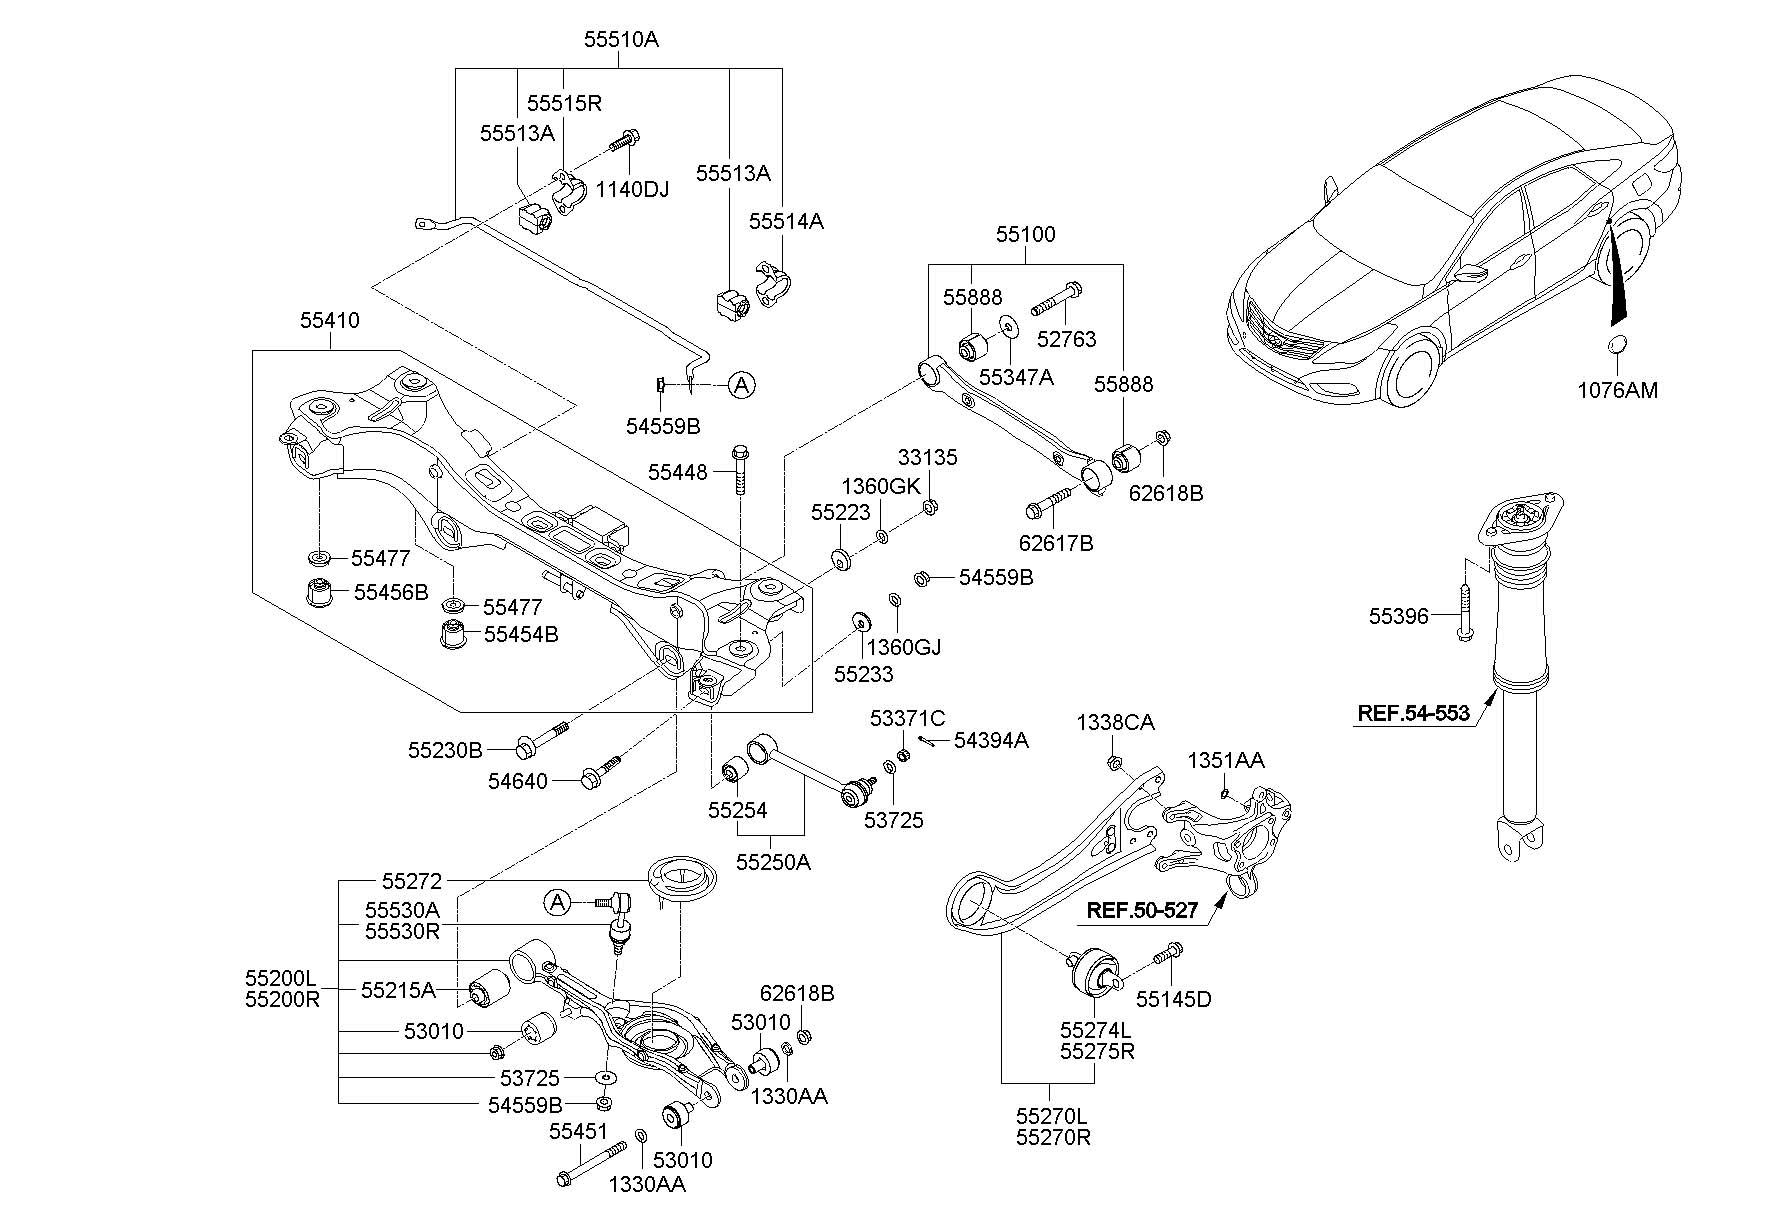 546403R000 - Hyundai Cam - bolt assembly. Short | Jim ...